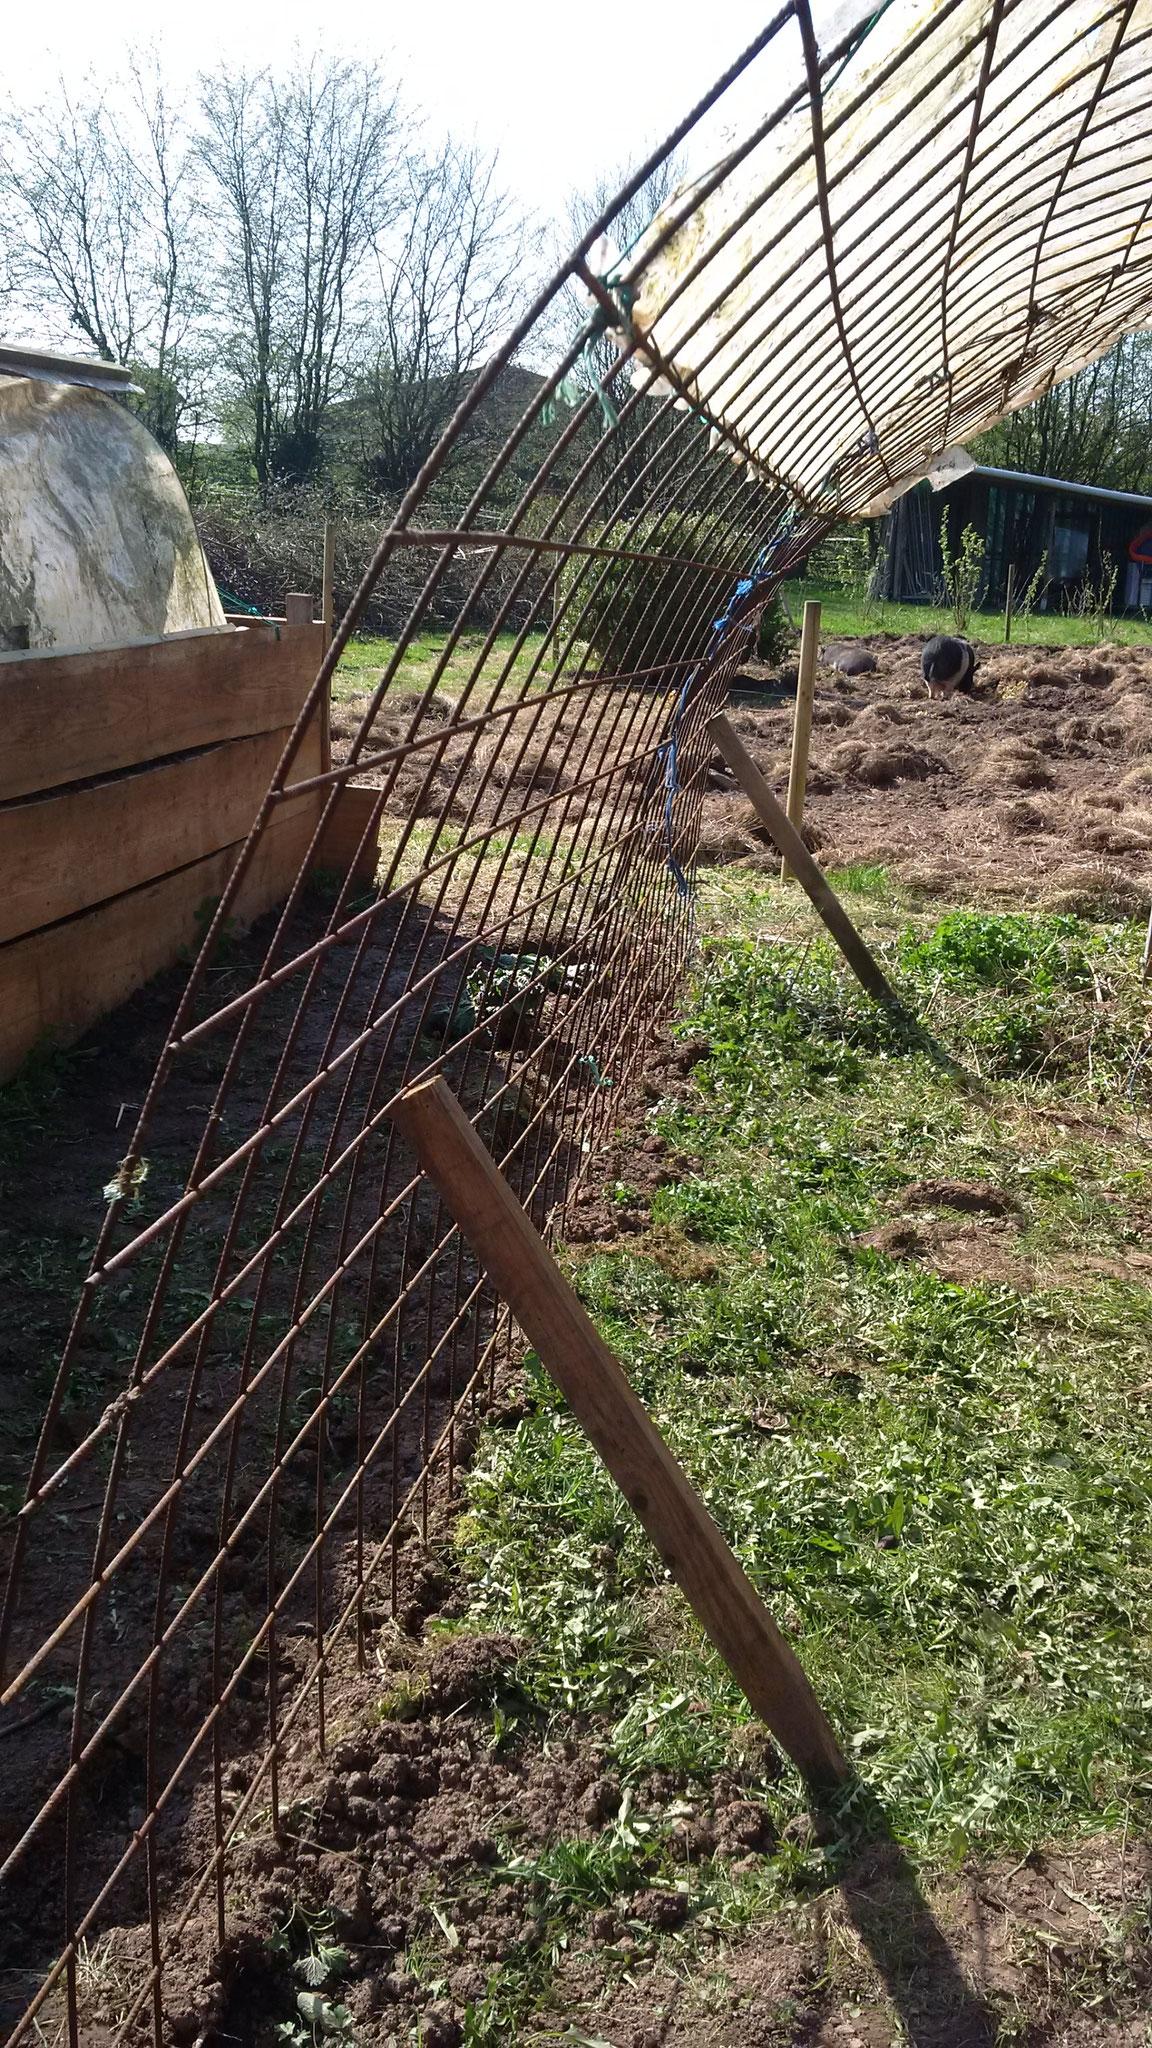 Hier wurden heute Mais, Erbsen (außerhalb) gesäht. Innen werden hier Gurken und Physalis, evtl auch Melonen gepflanzt